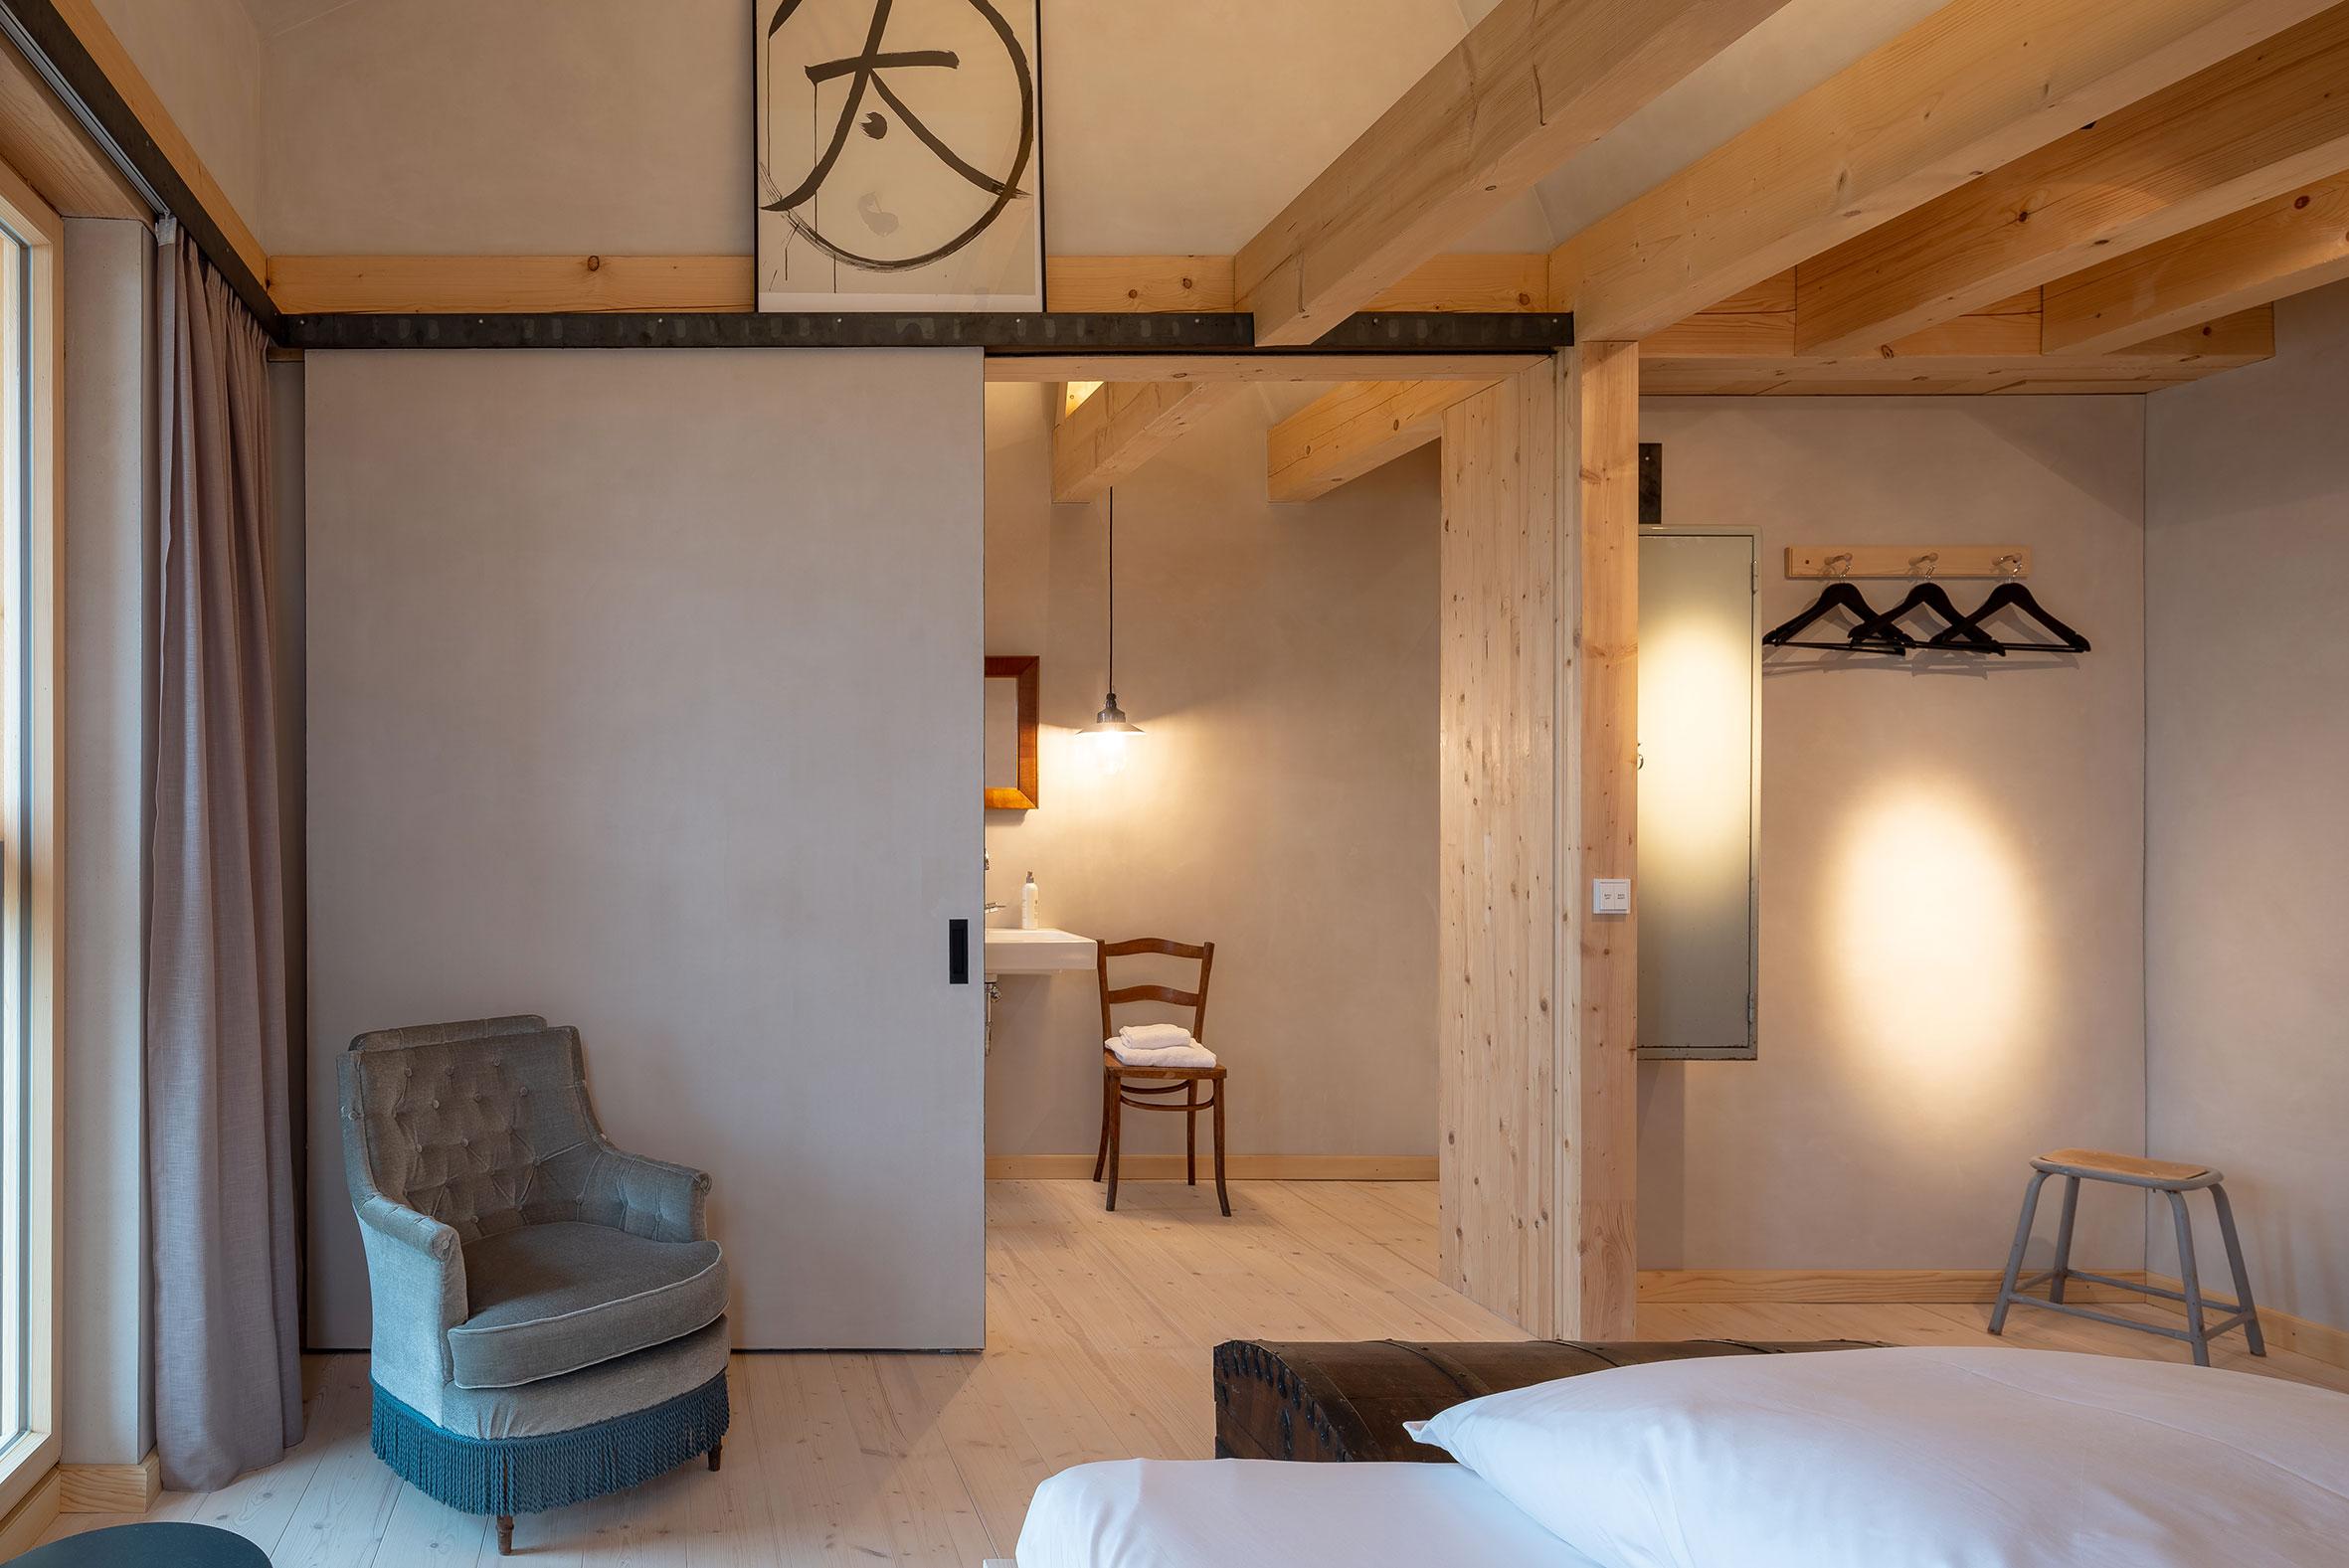 Architekturfotografie Bauernhaus Hotel Gut Sonnenhausen Glonn